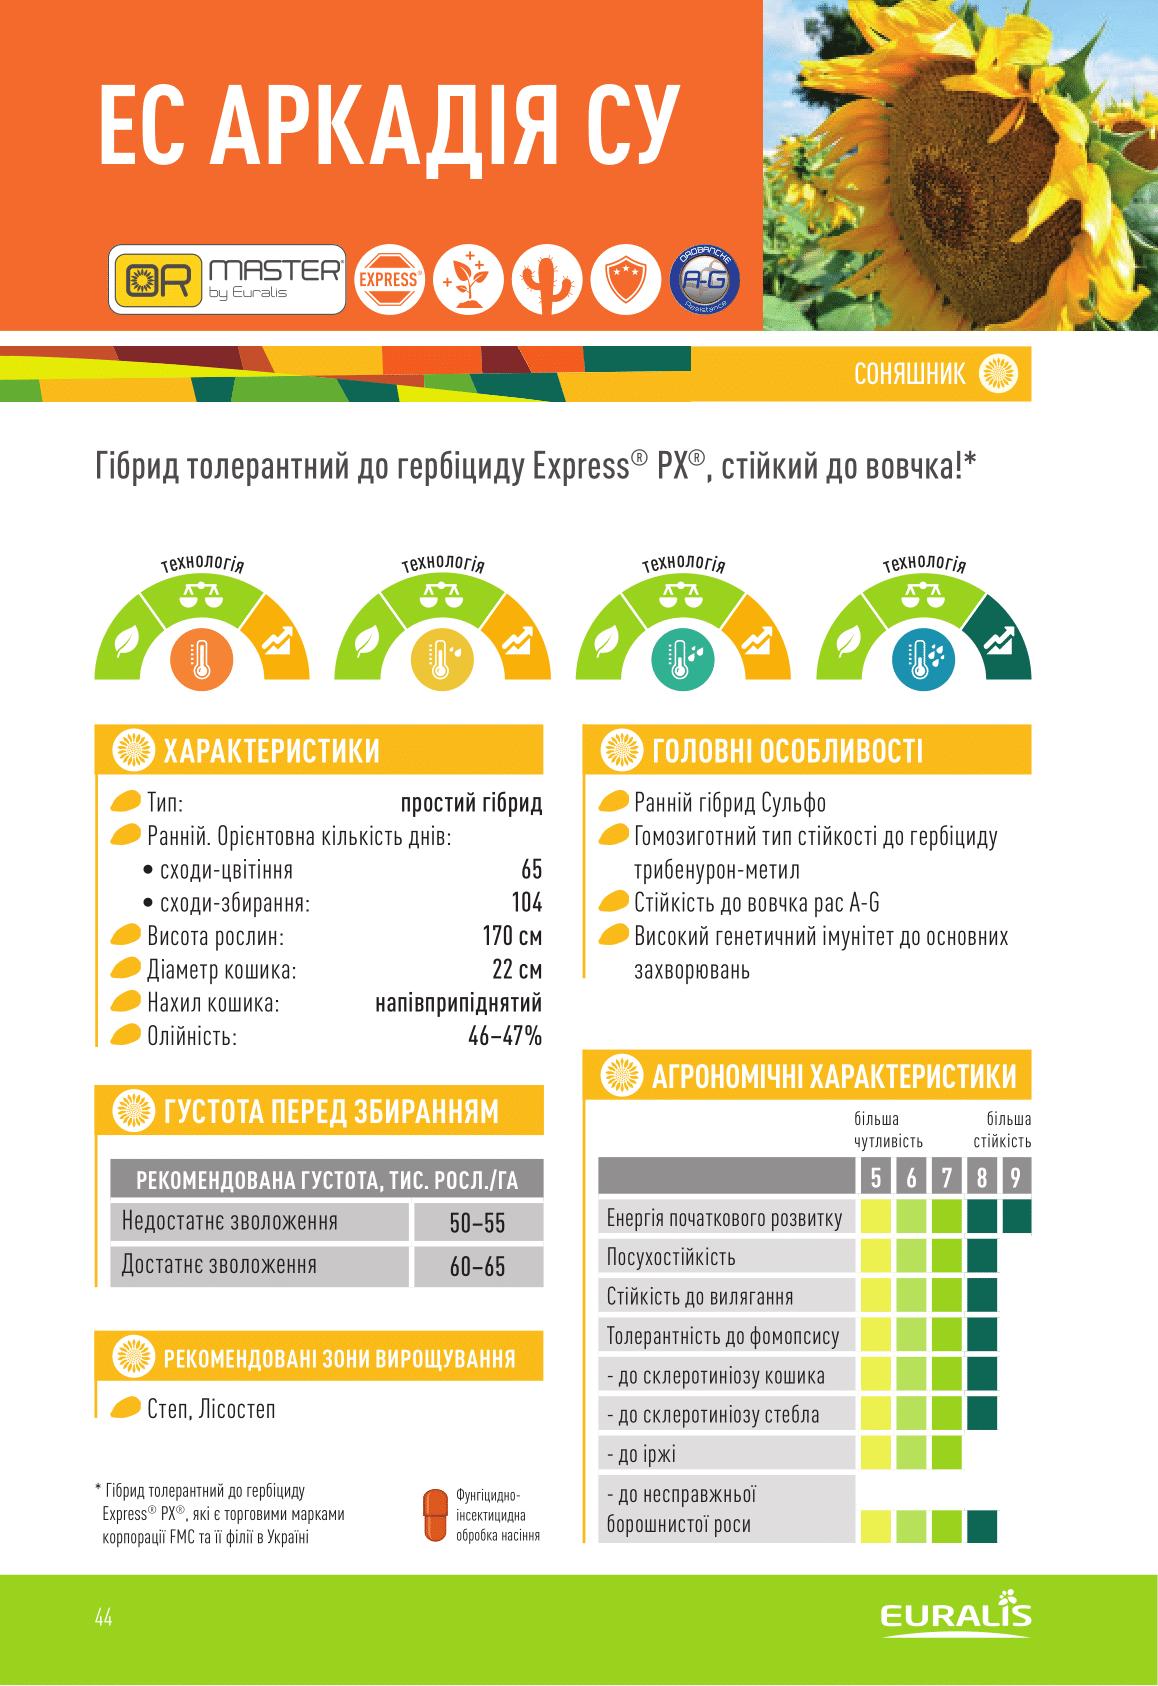 Купить Семена подсолнечника ЕС АРКАДИЯ СУ